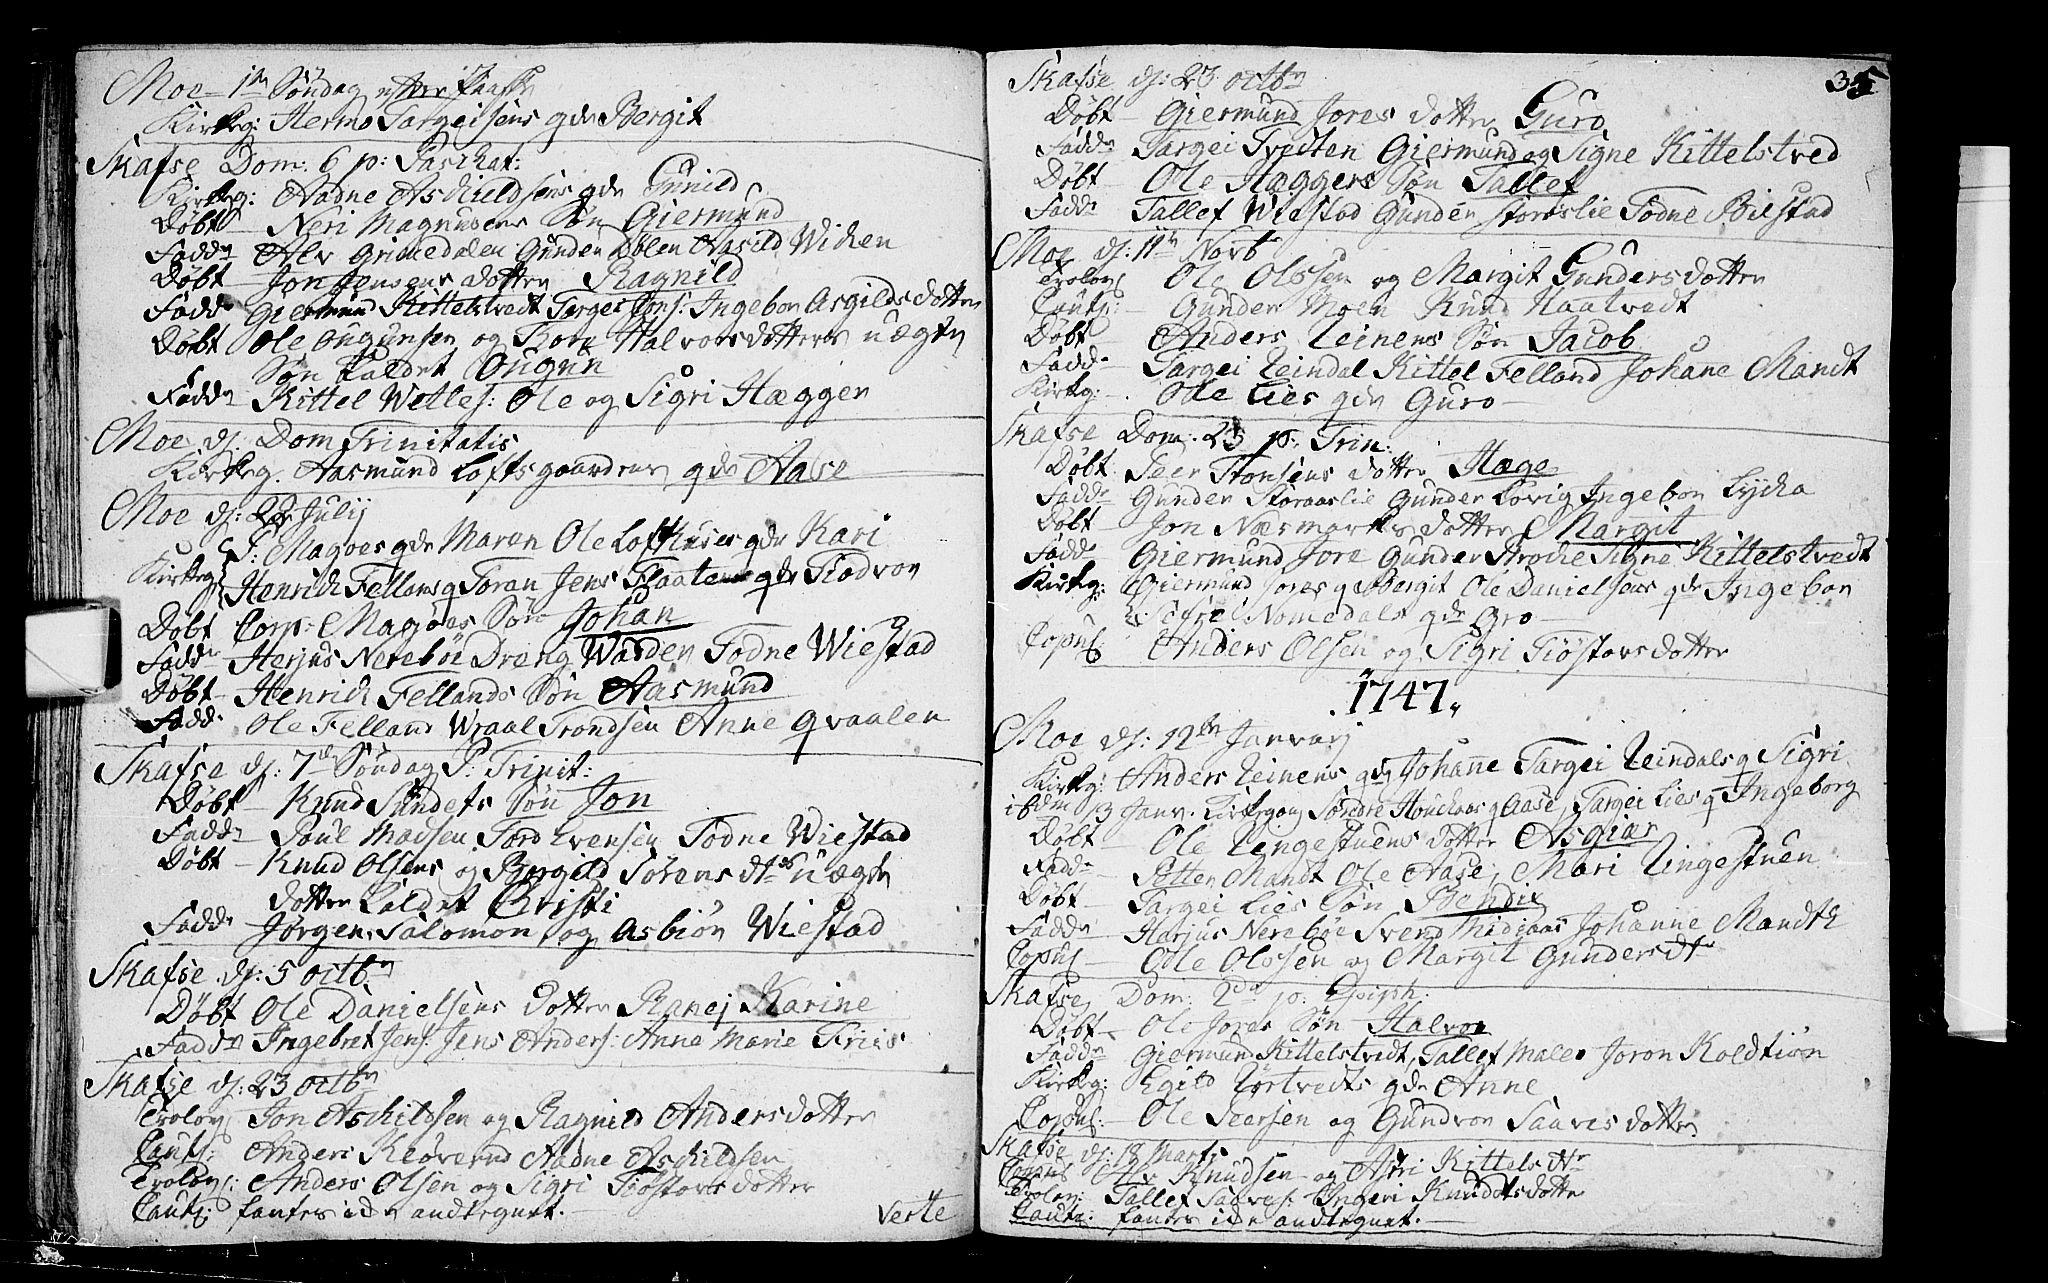 SAKO, Mo kirkebøker, F/Fa/L0001: Ministerialbok nr. I 1, 1724-1748, s. 35